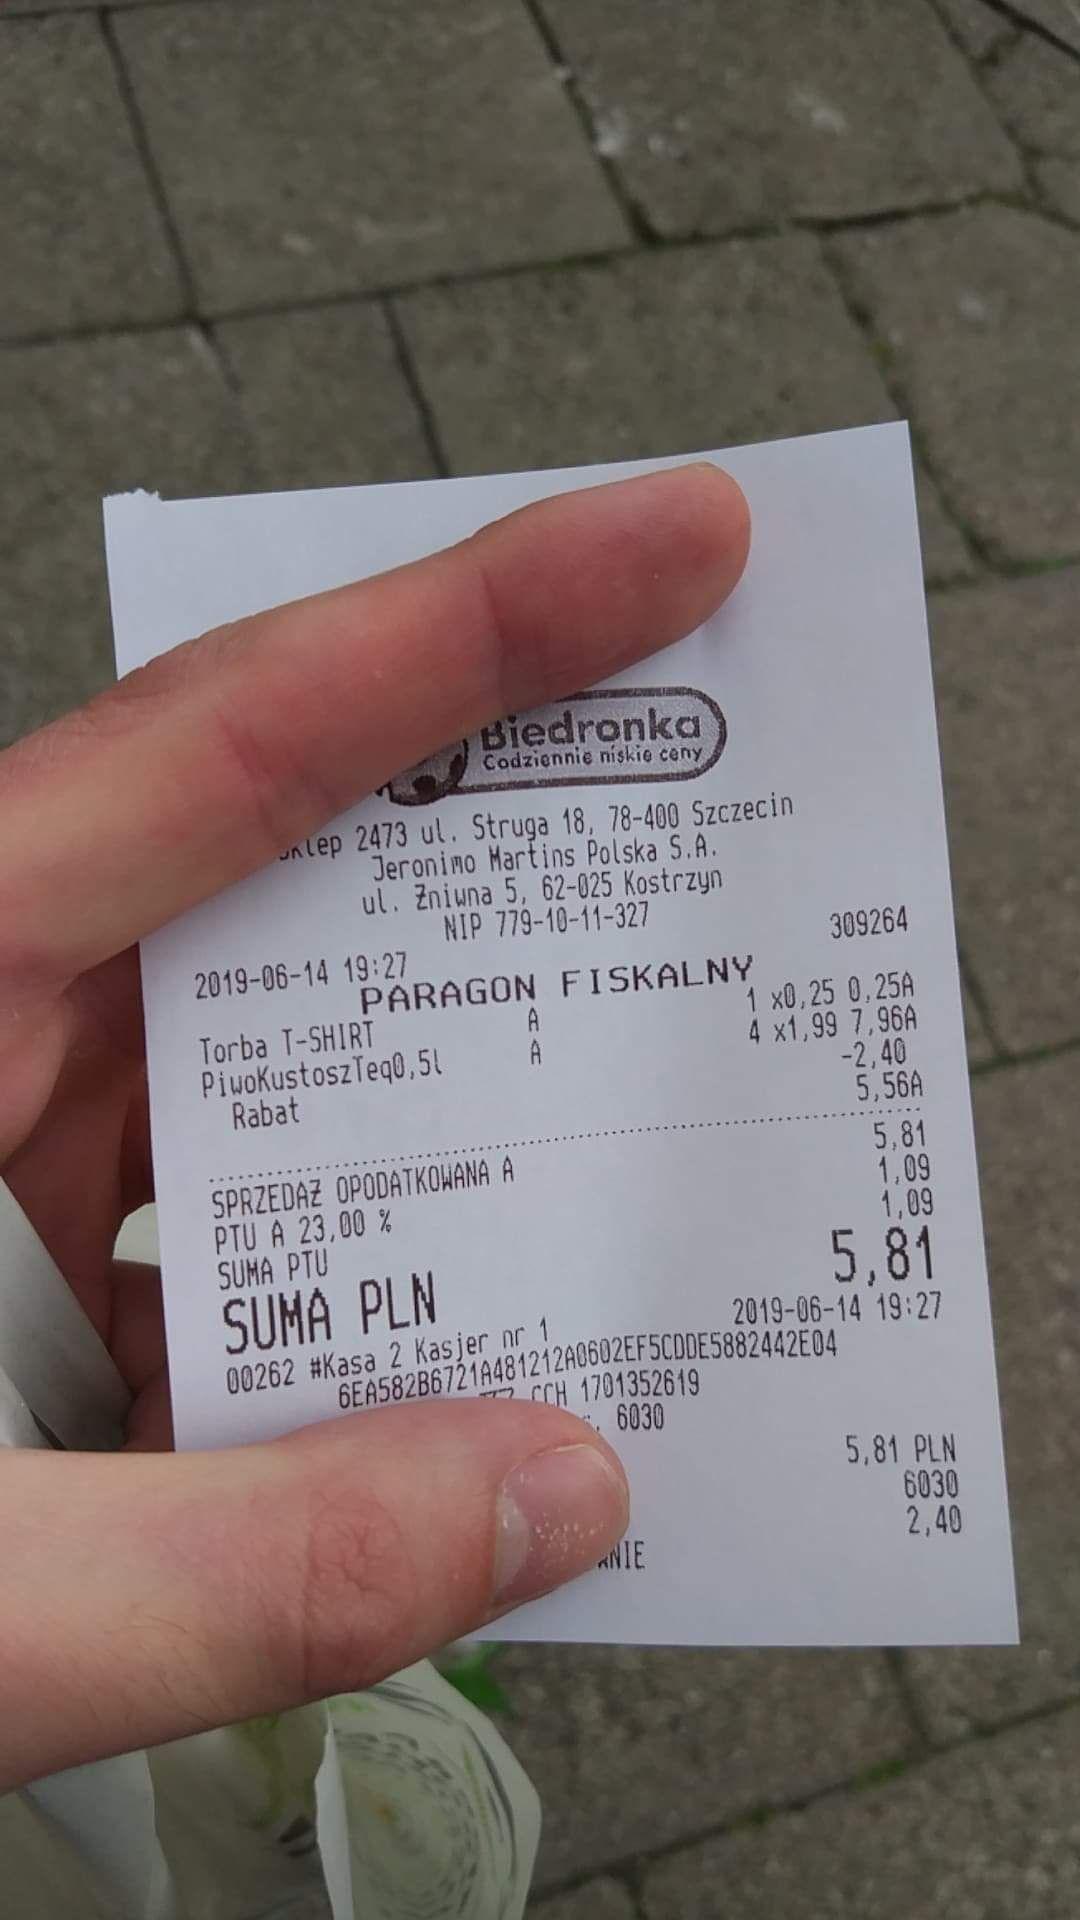 Kustosz Tequila za 1.39 przy zakupie 2 sztuk |Szczecin